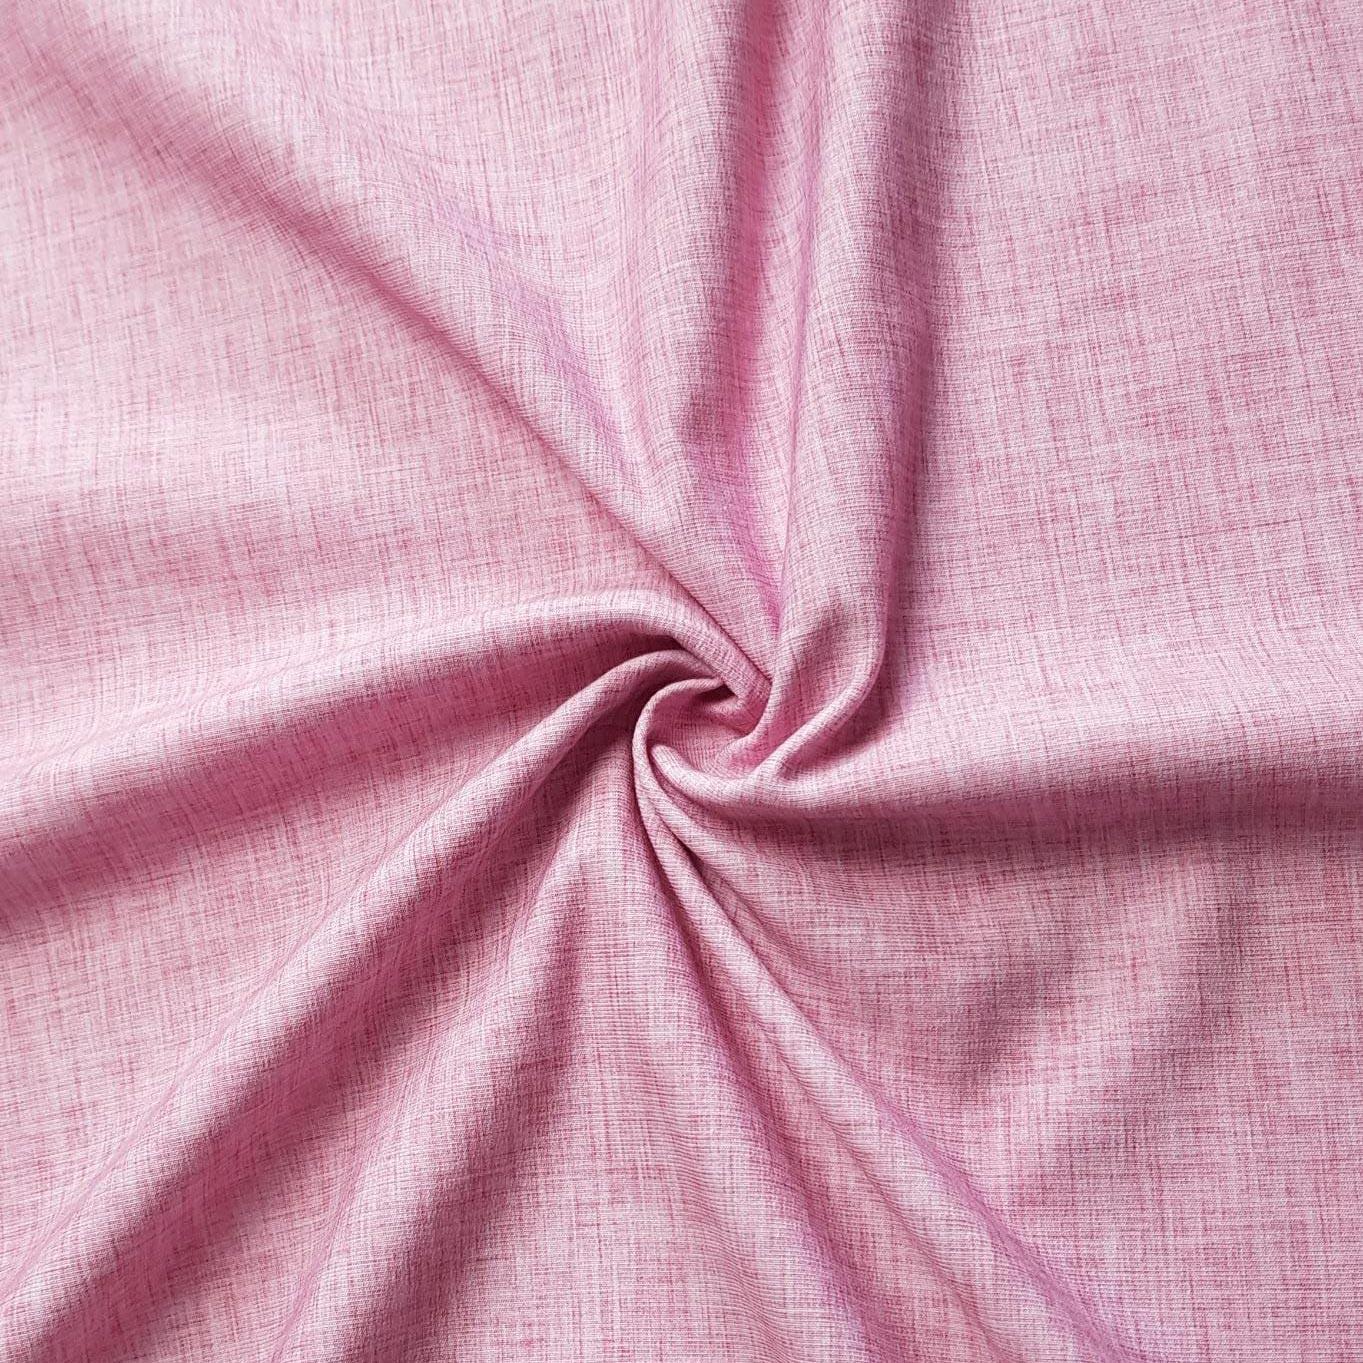 """Sommersweat Leinenprint """"rosa"""" Meterware"""